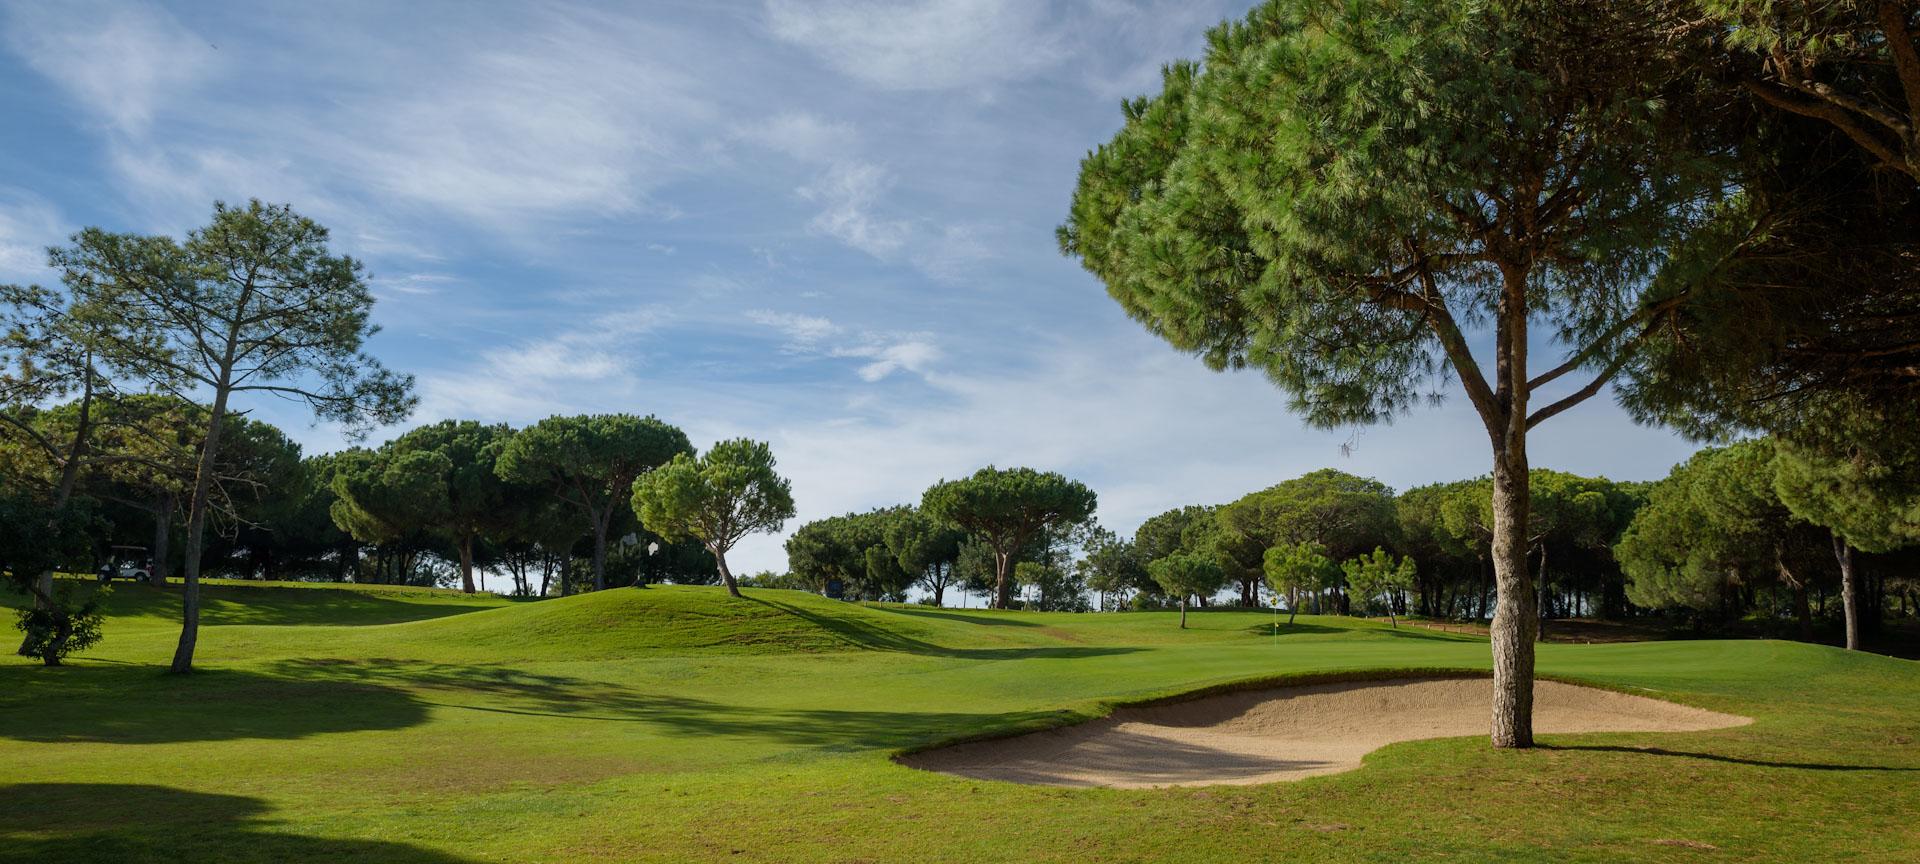 Vila Sol Golf Course-15920